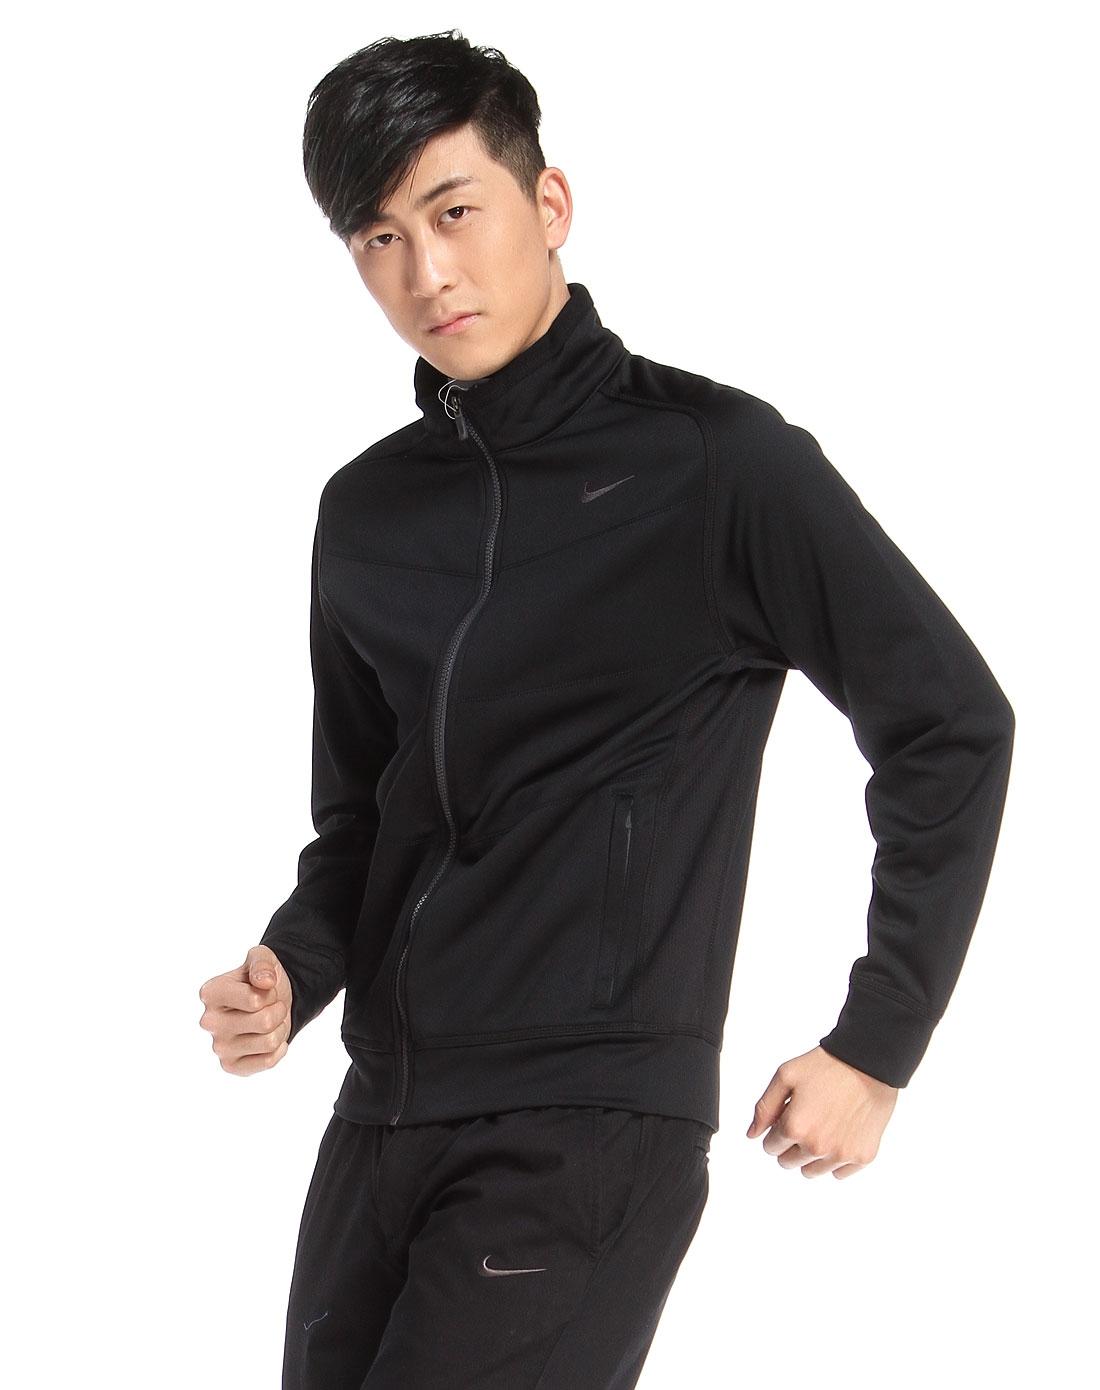 耐克nike 男款黑色长袖夹克